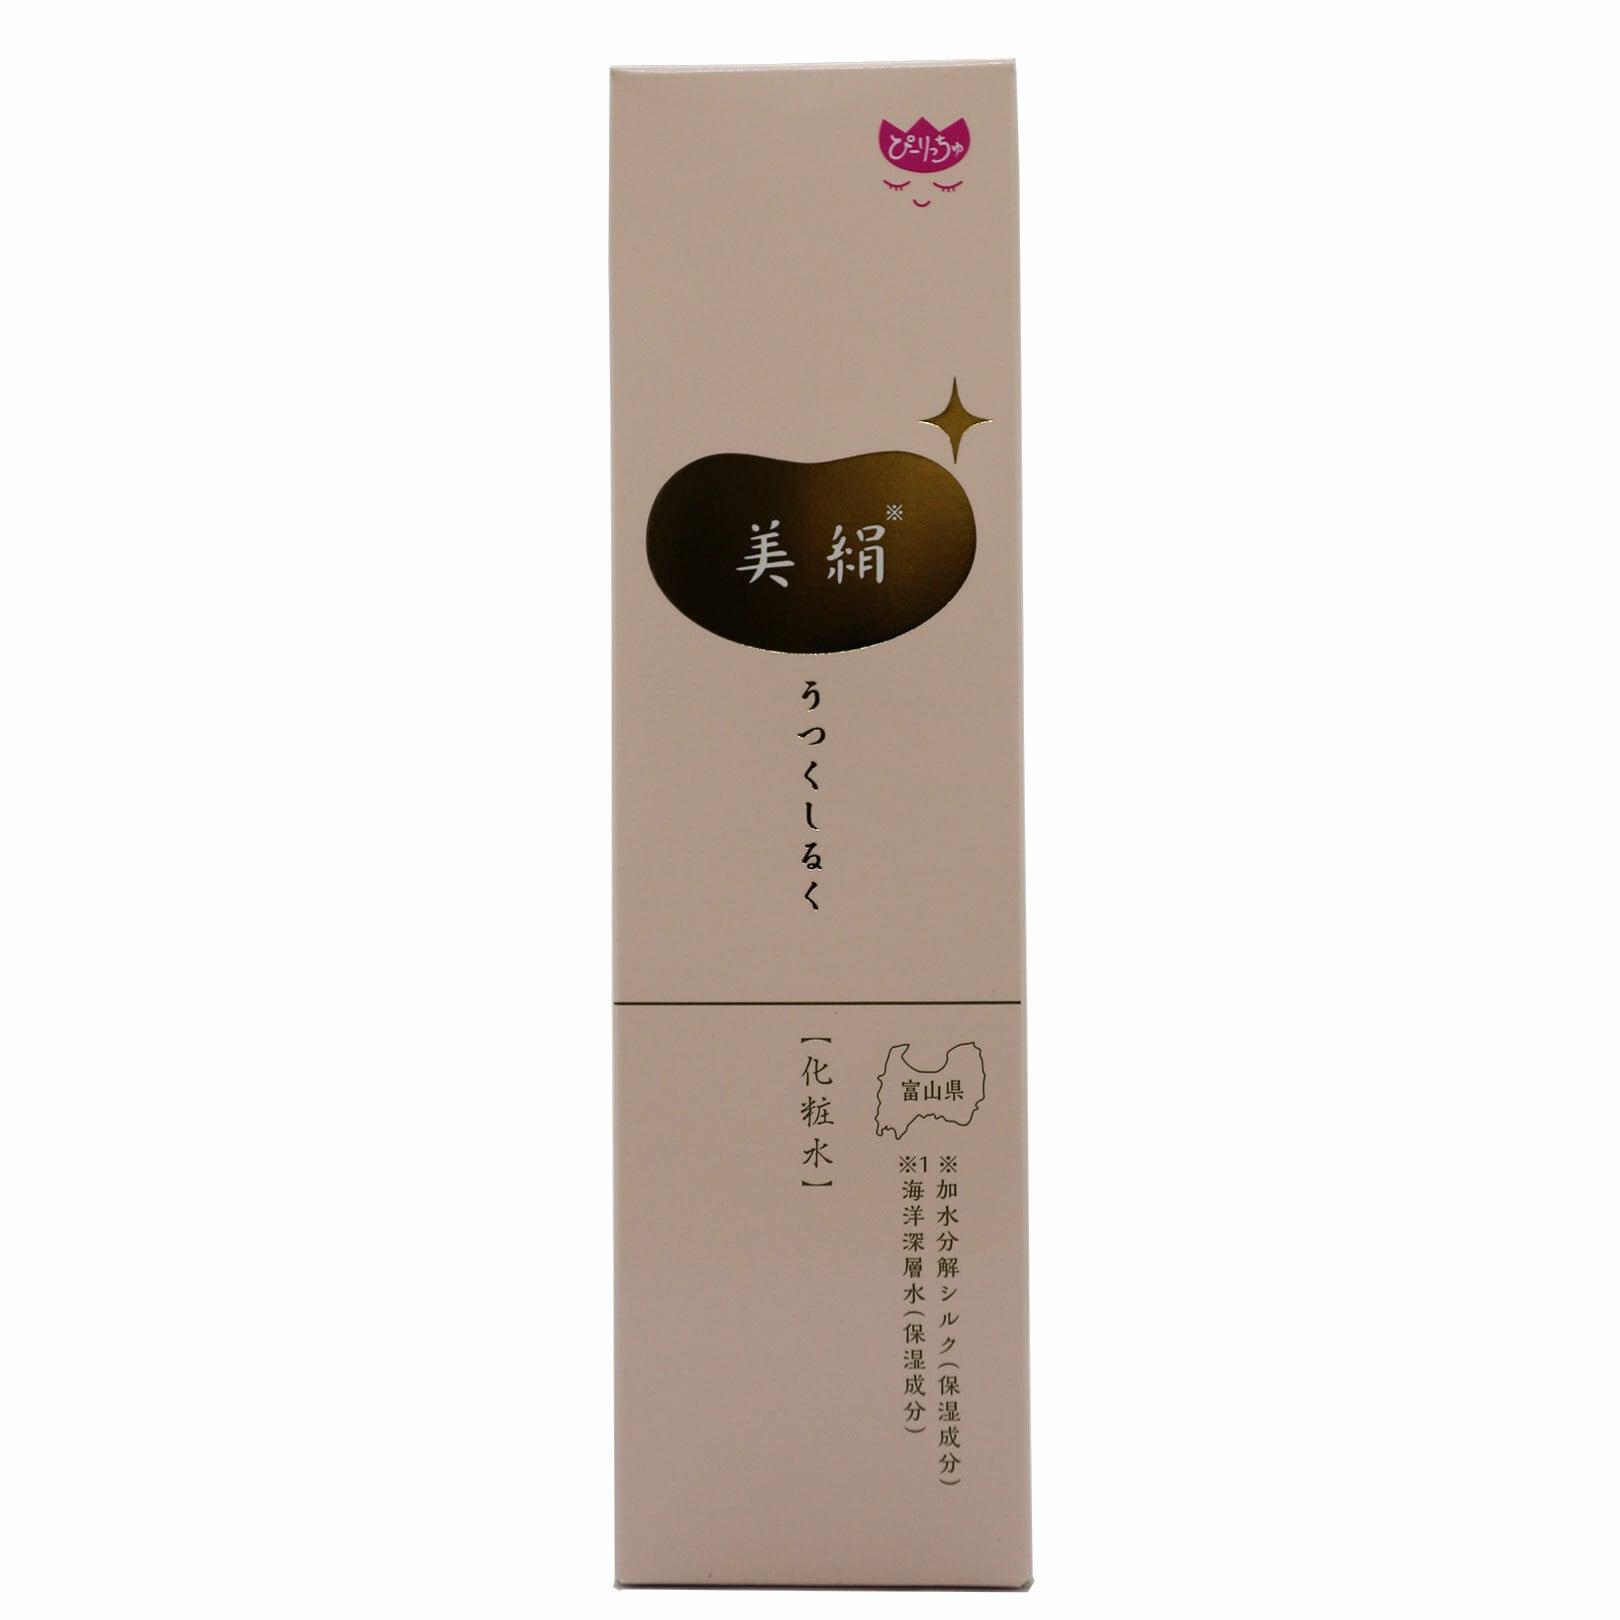 美絹(うつくしるく) 化粧水|加水分解シルク・海洋深層水配合